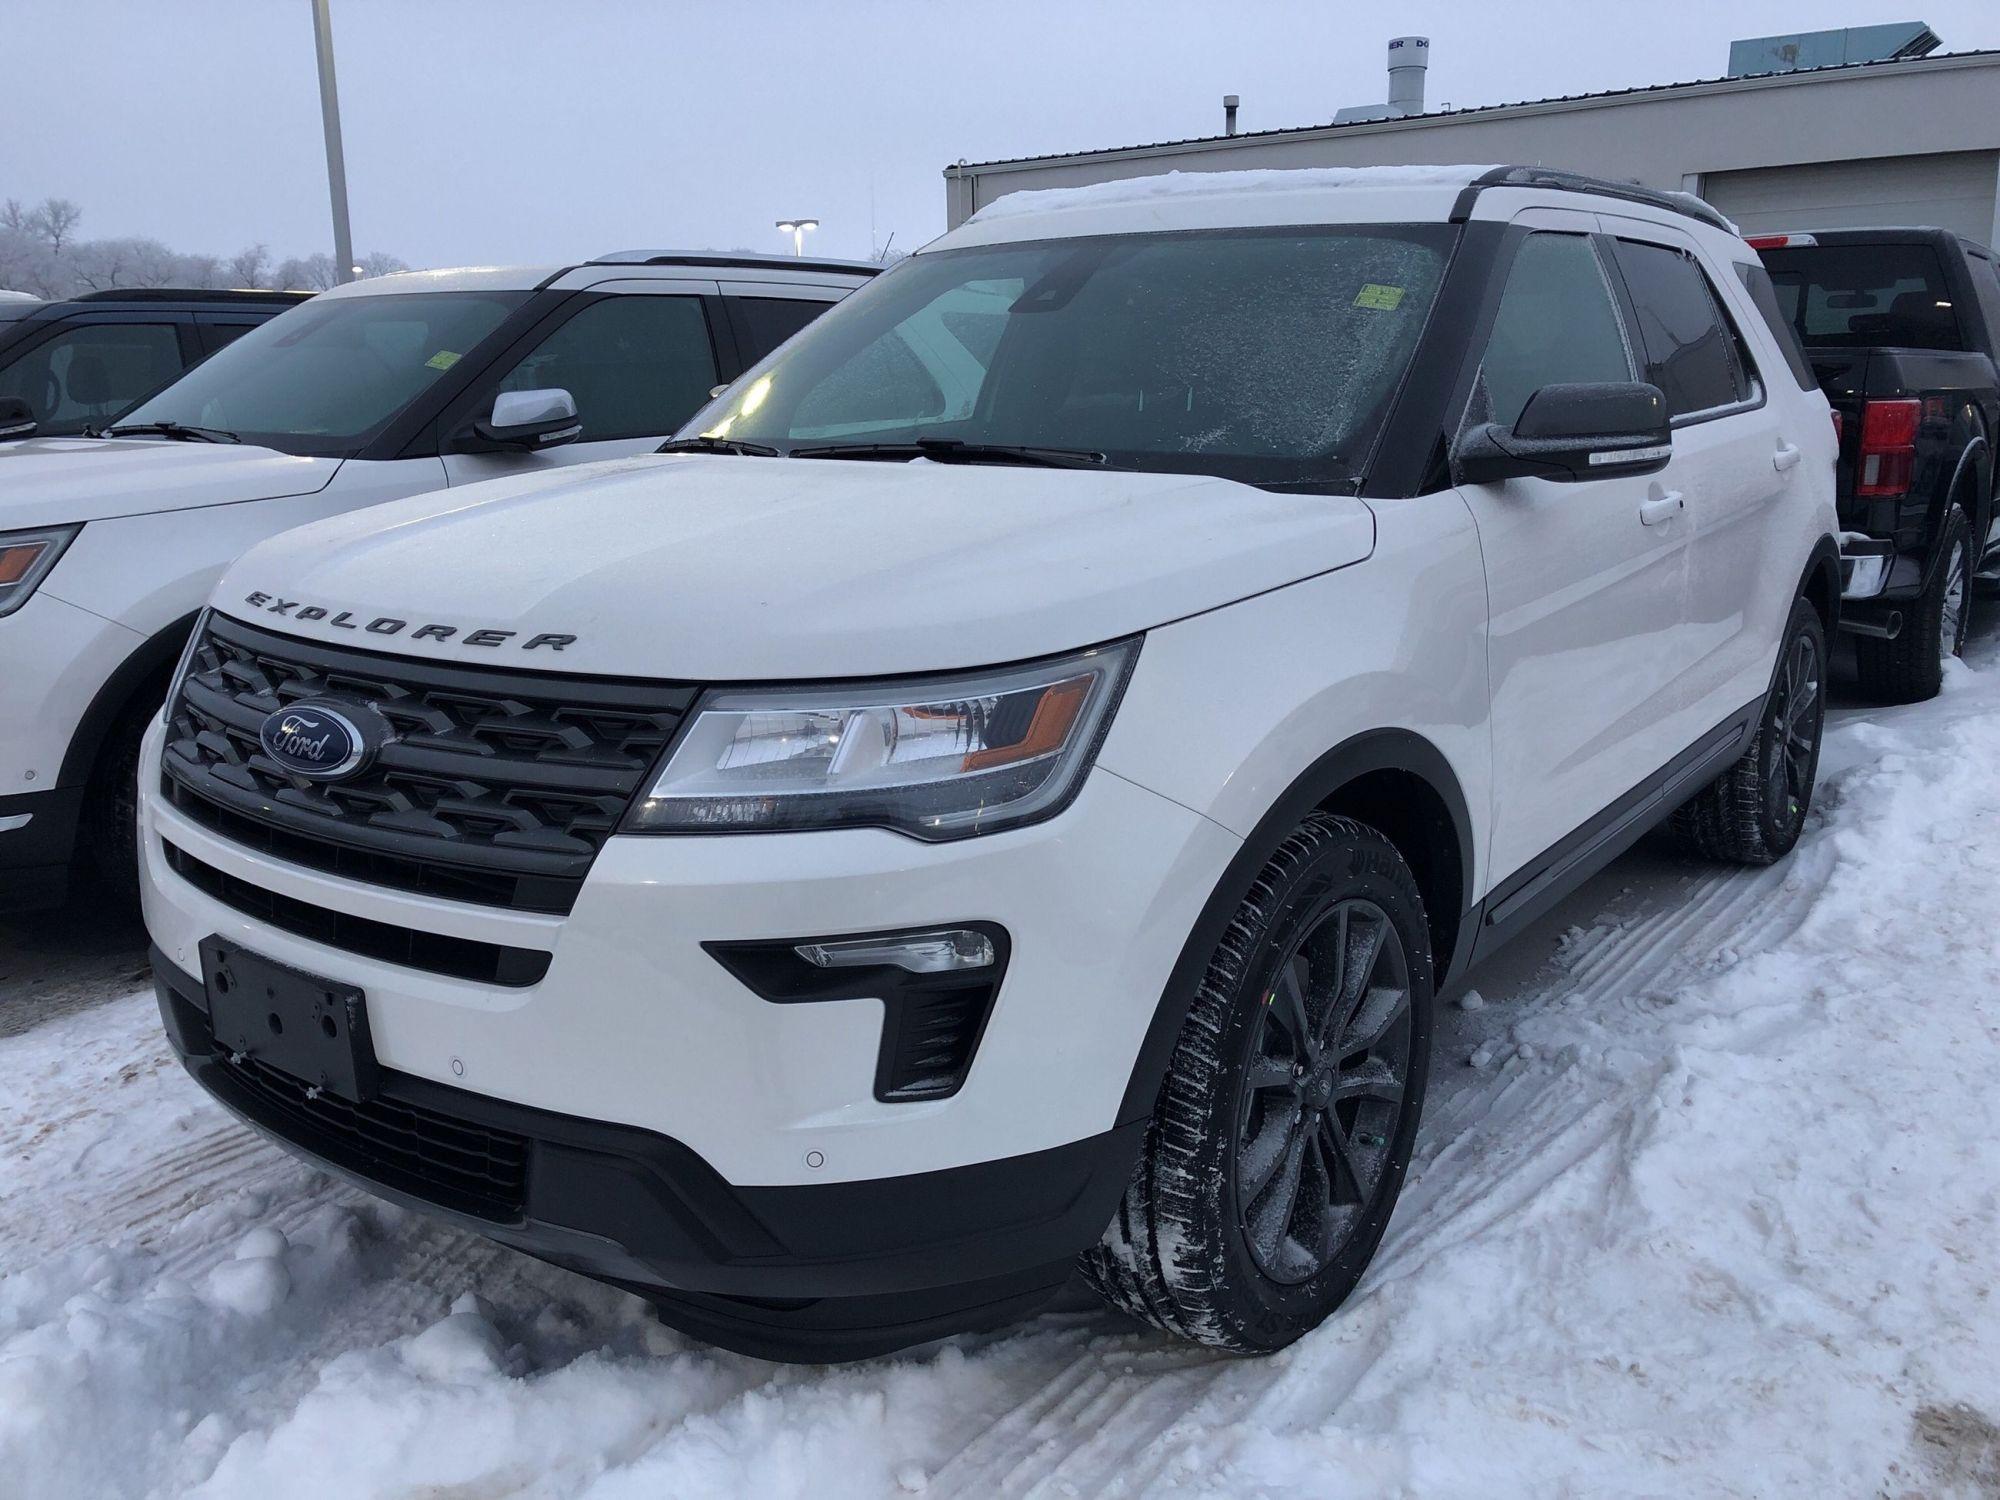 hight resolution of new 2019 ford explorer xlt white platinum tri coat met for sale 54196 75 19t3742 vickar ford winnipeg